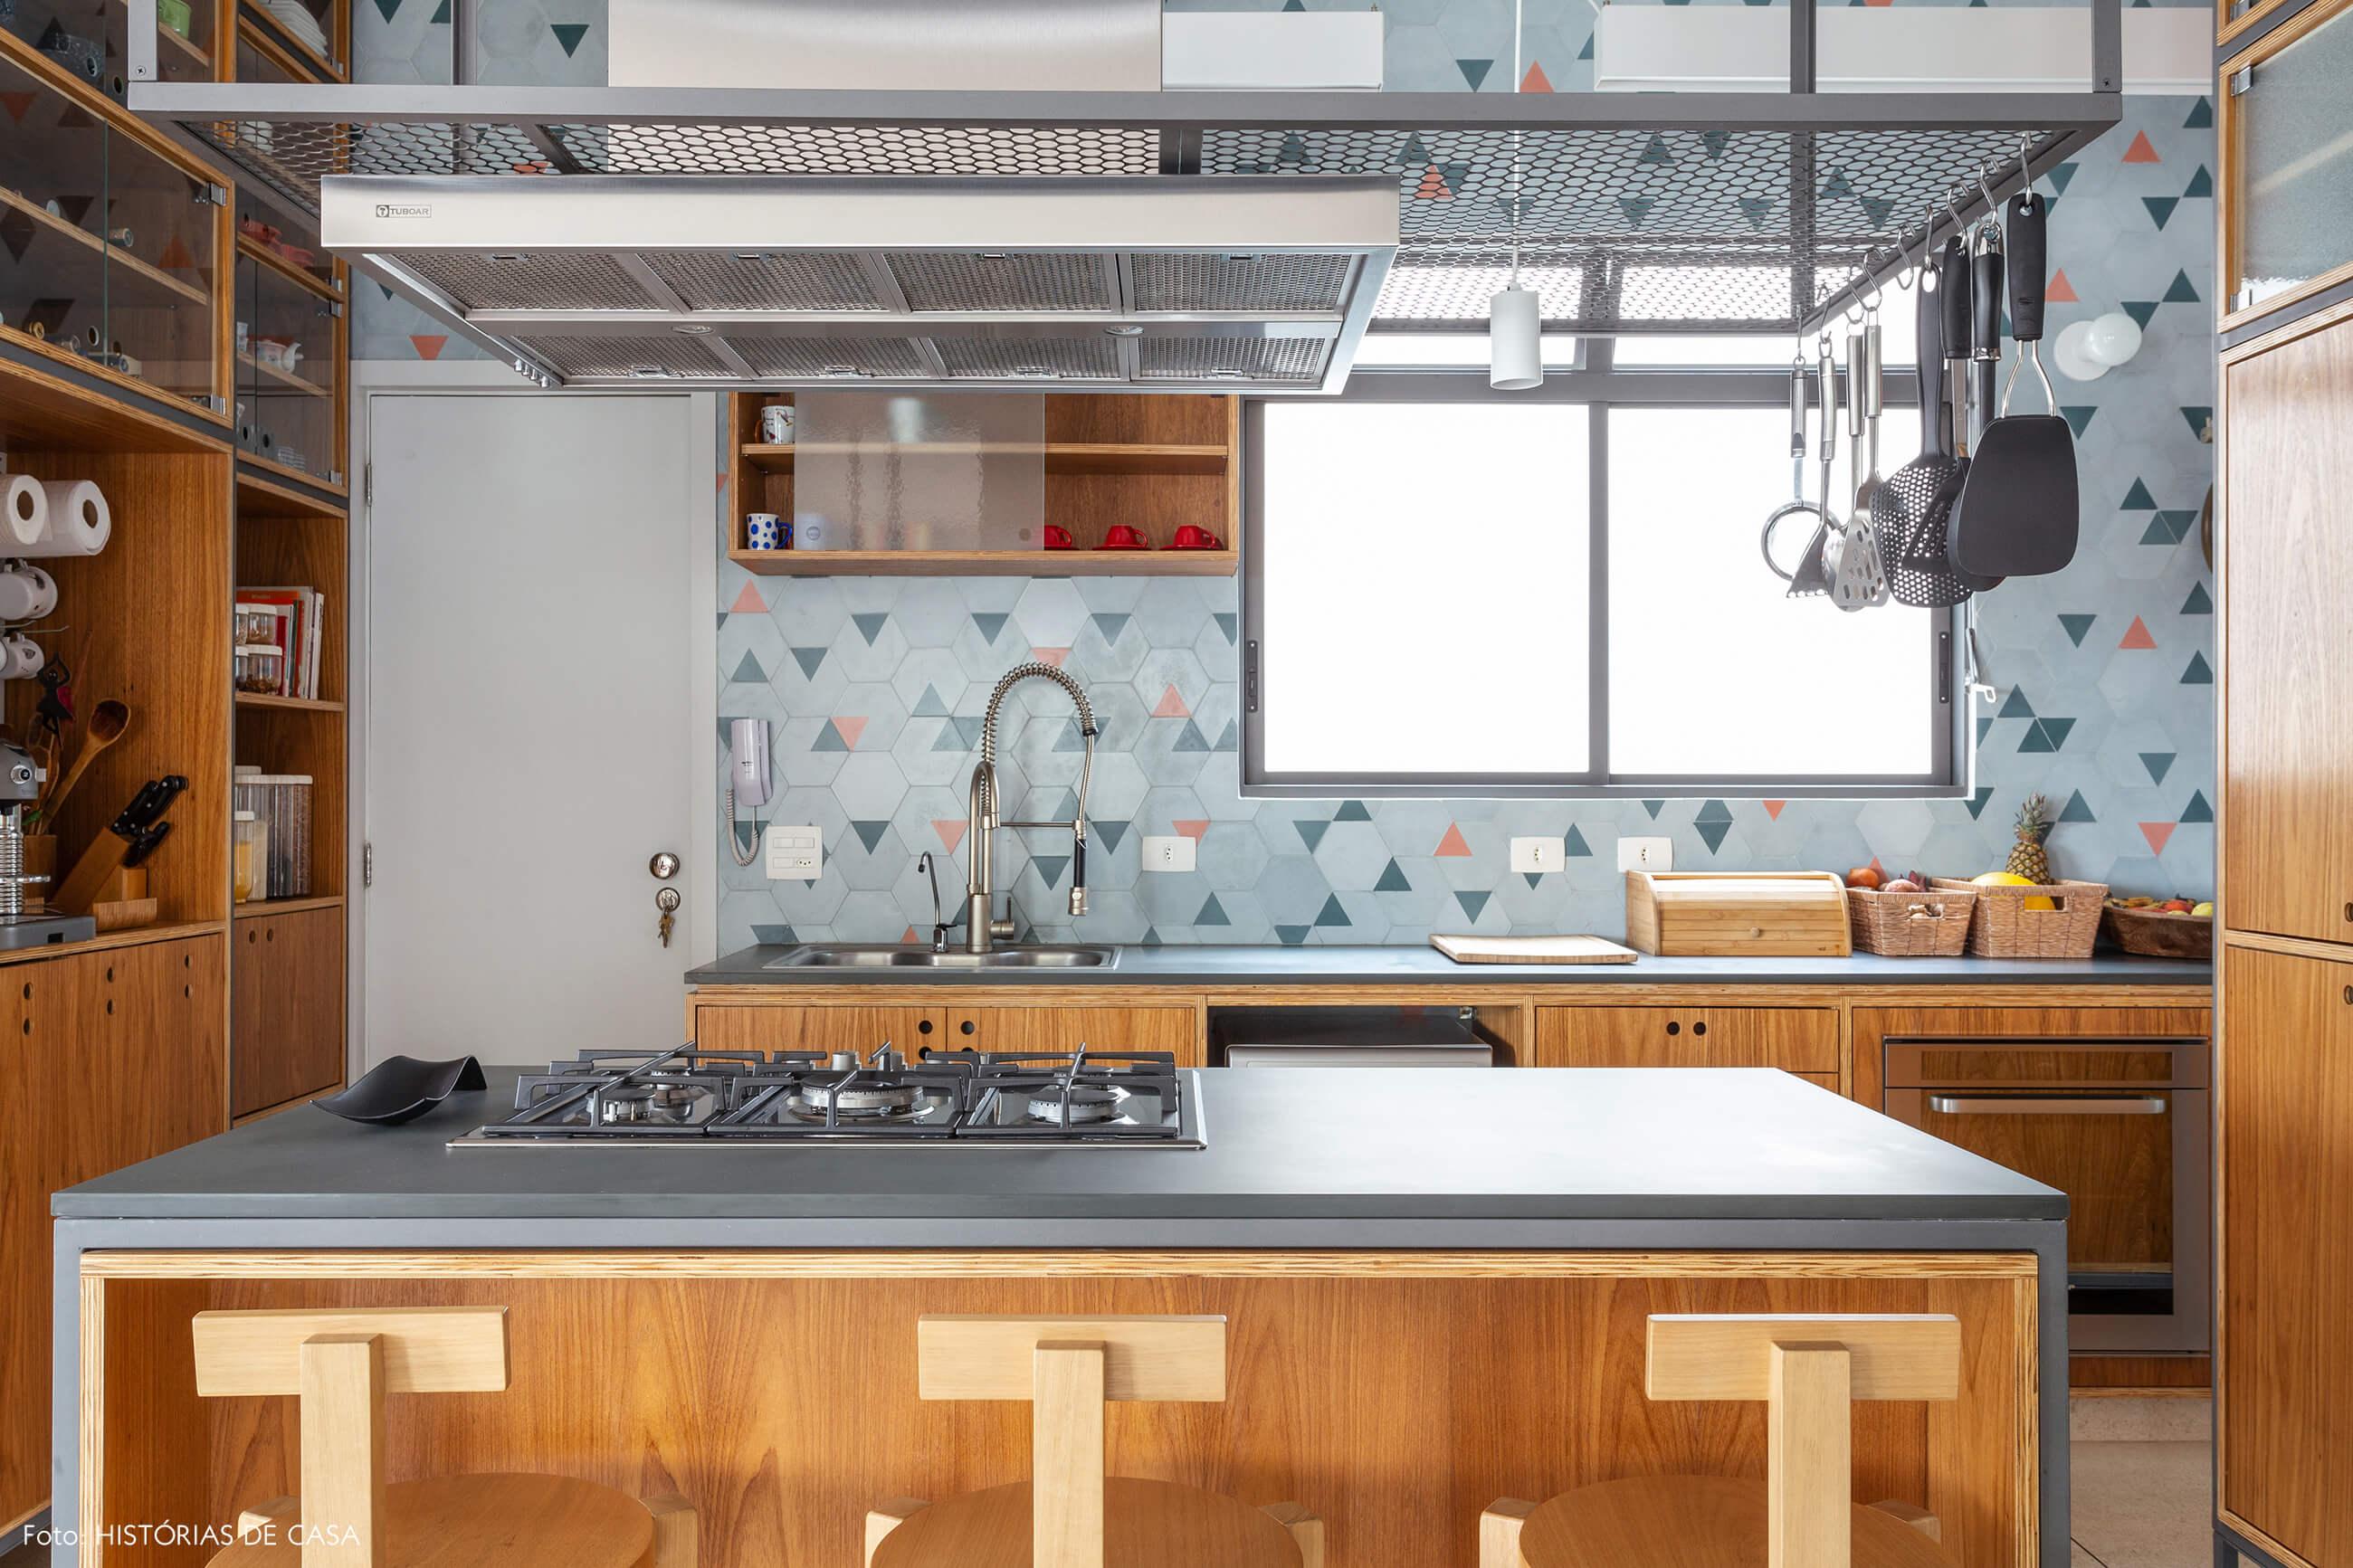 Cozinha reformada com piso de granilite e ilha central com banquetas Girafa